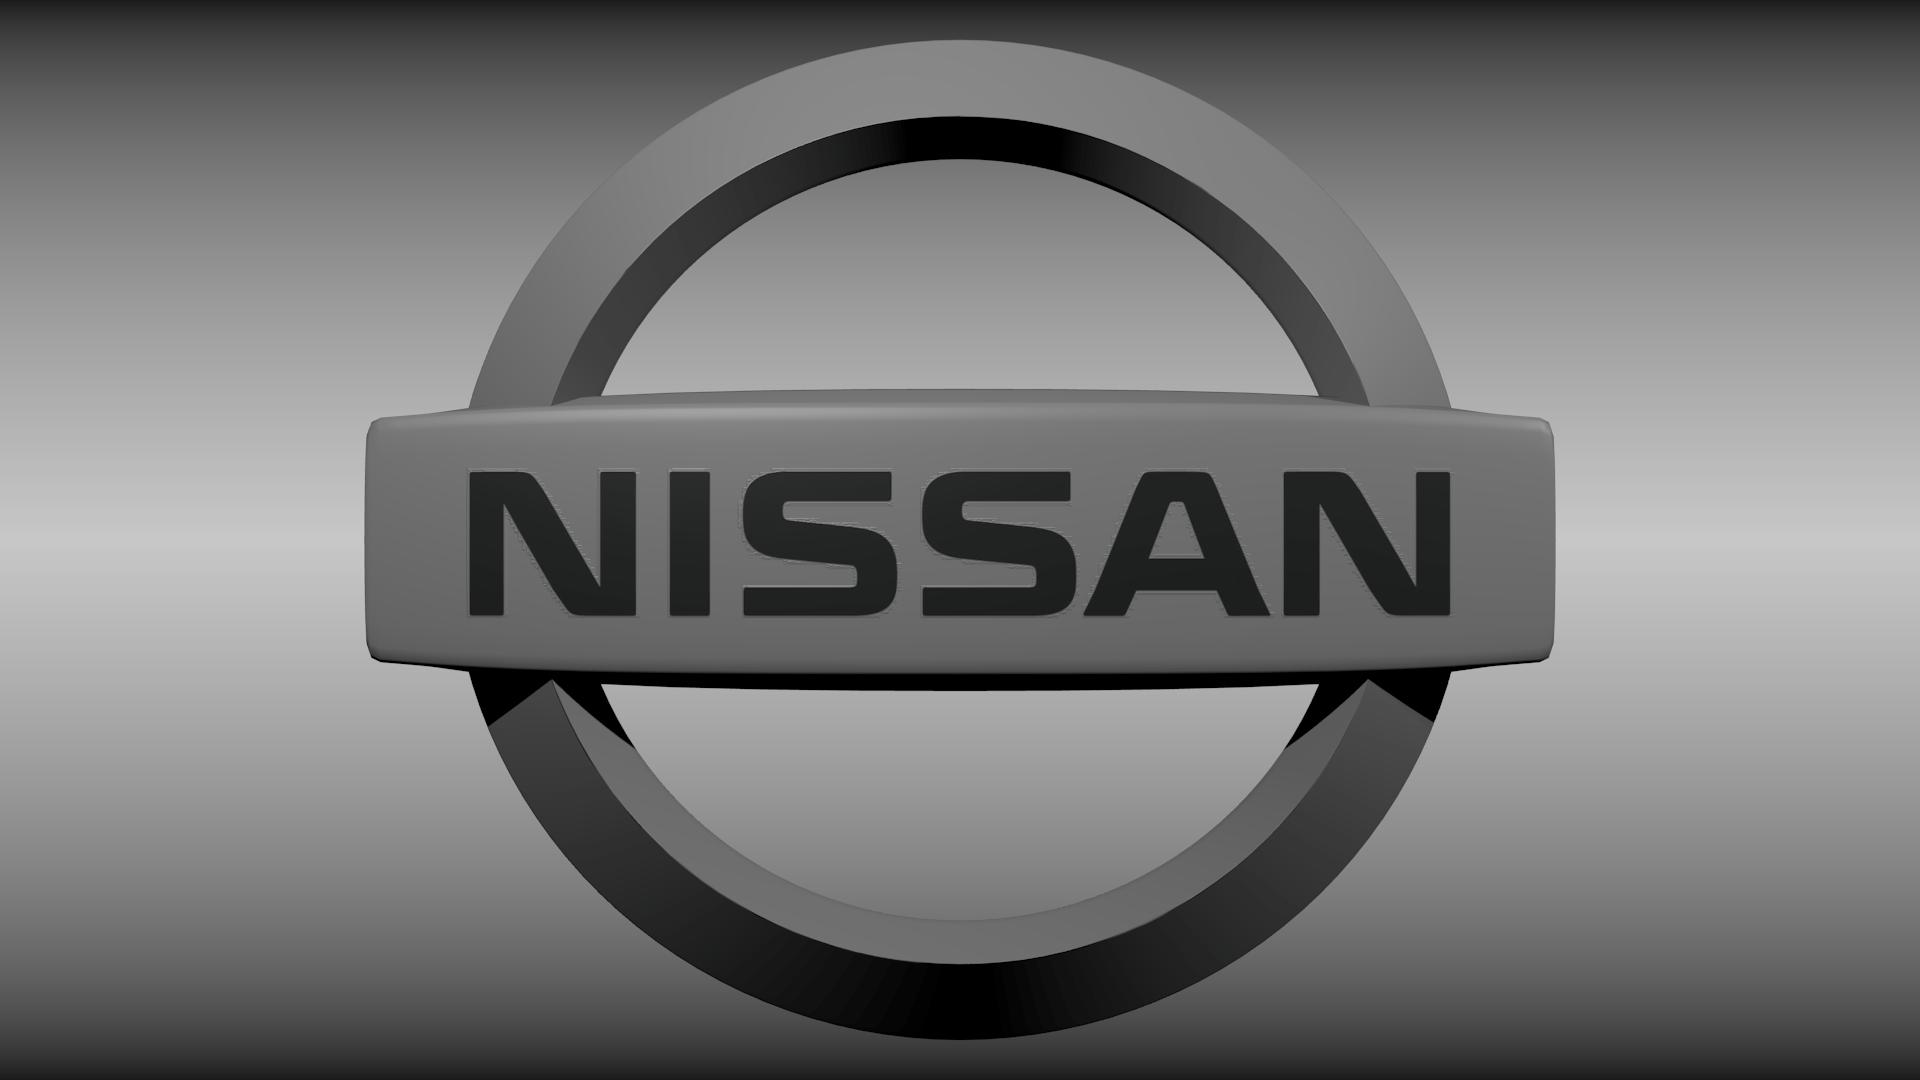 D Wallpaper 5 Hd Nissan Logo Wallpapers